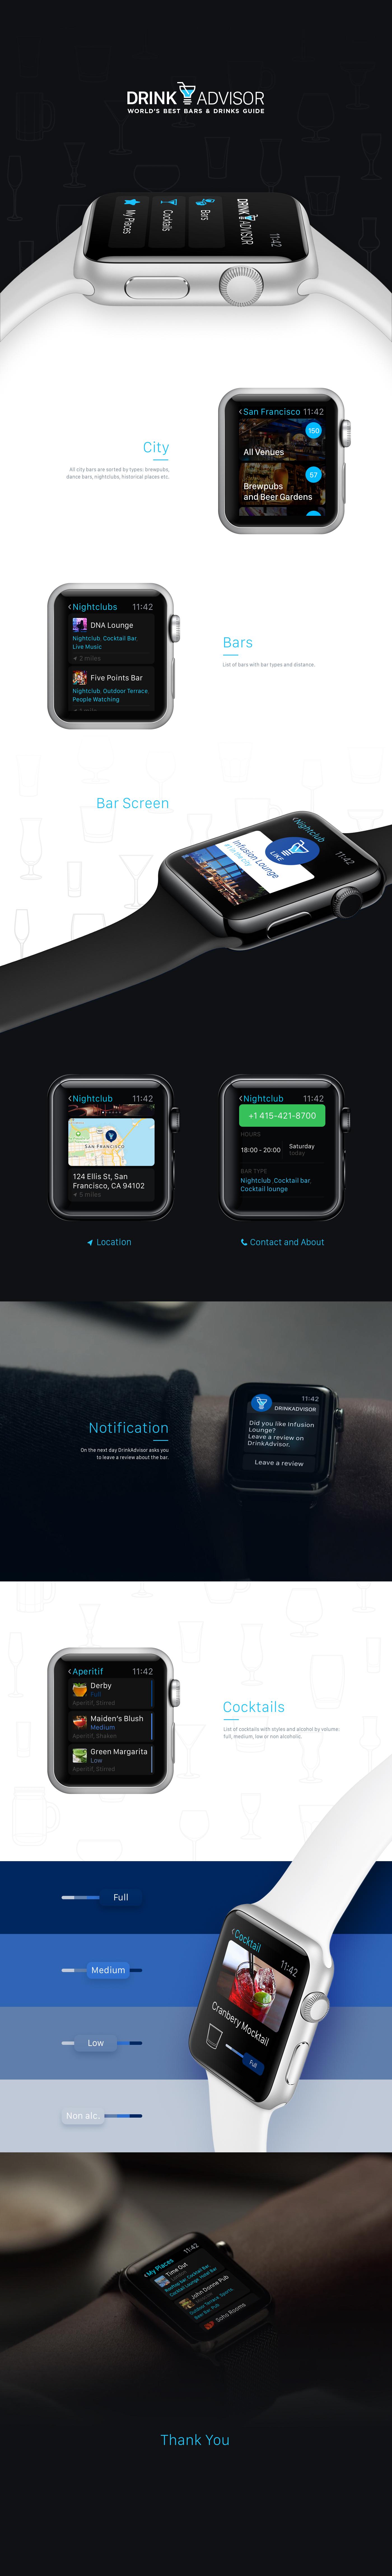 apple watch app application watch drink bar pub